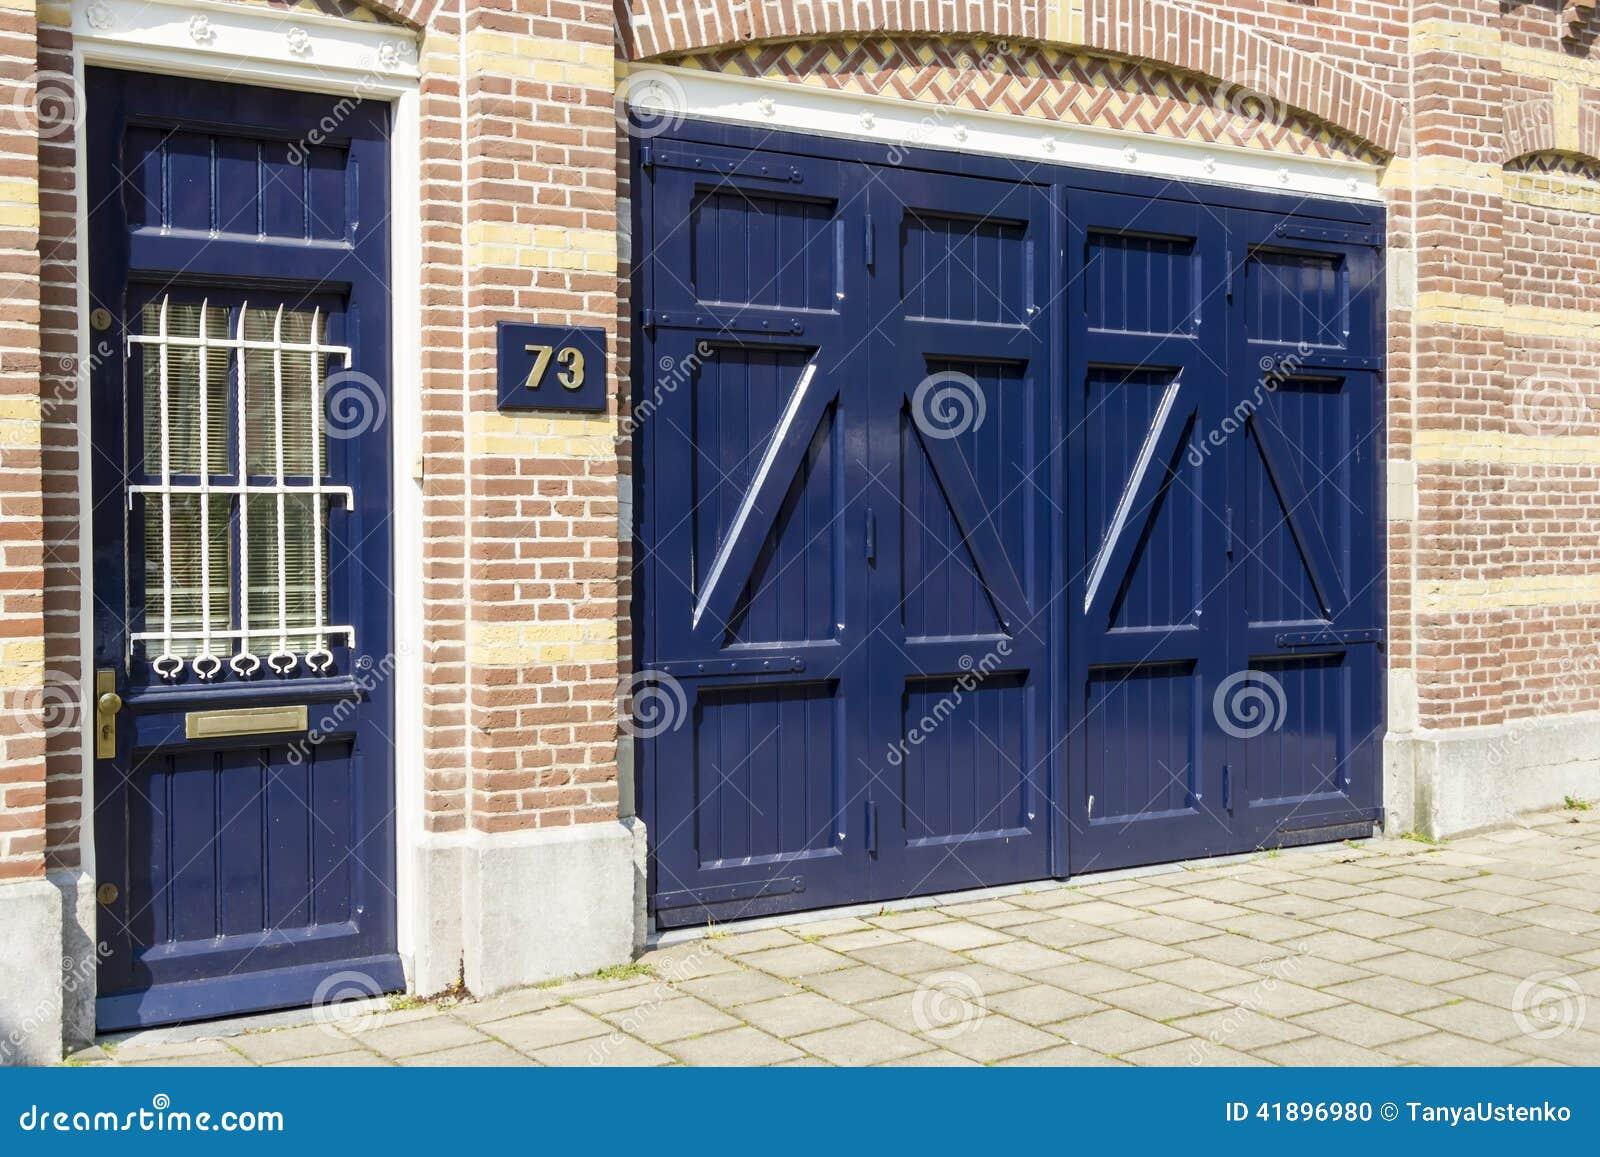 Puerta de madera azul antigua en la casa n mero 73 foto de for Puerta casa antigua